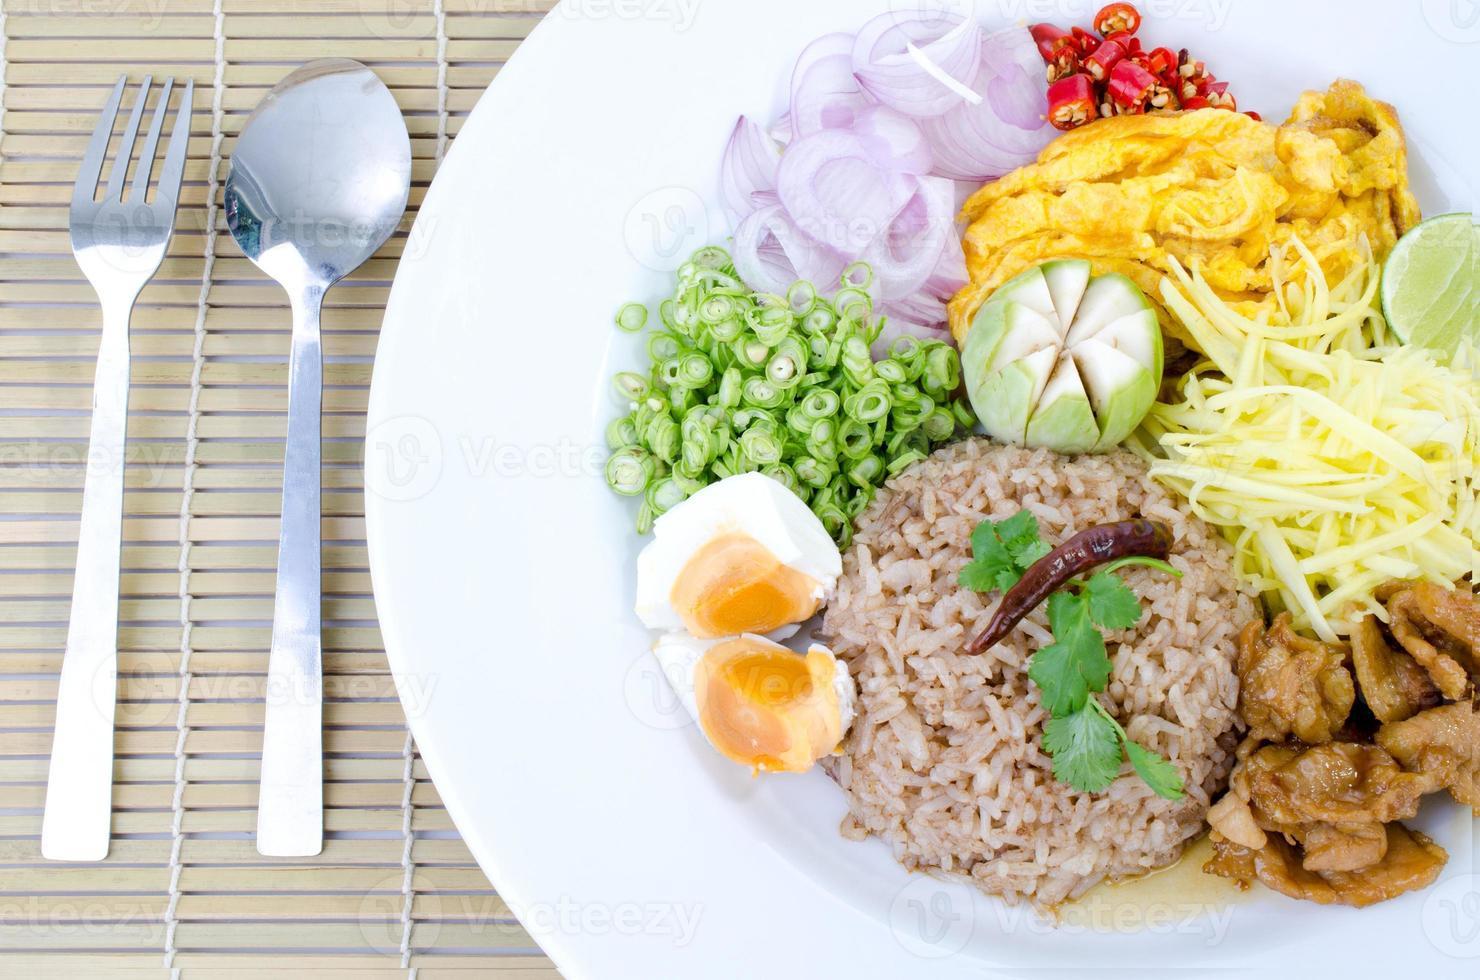 freír el arroz con la pasta de camarones, comida tailandesa foto